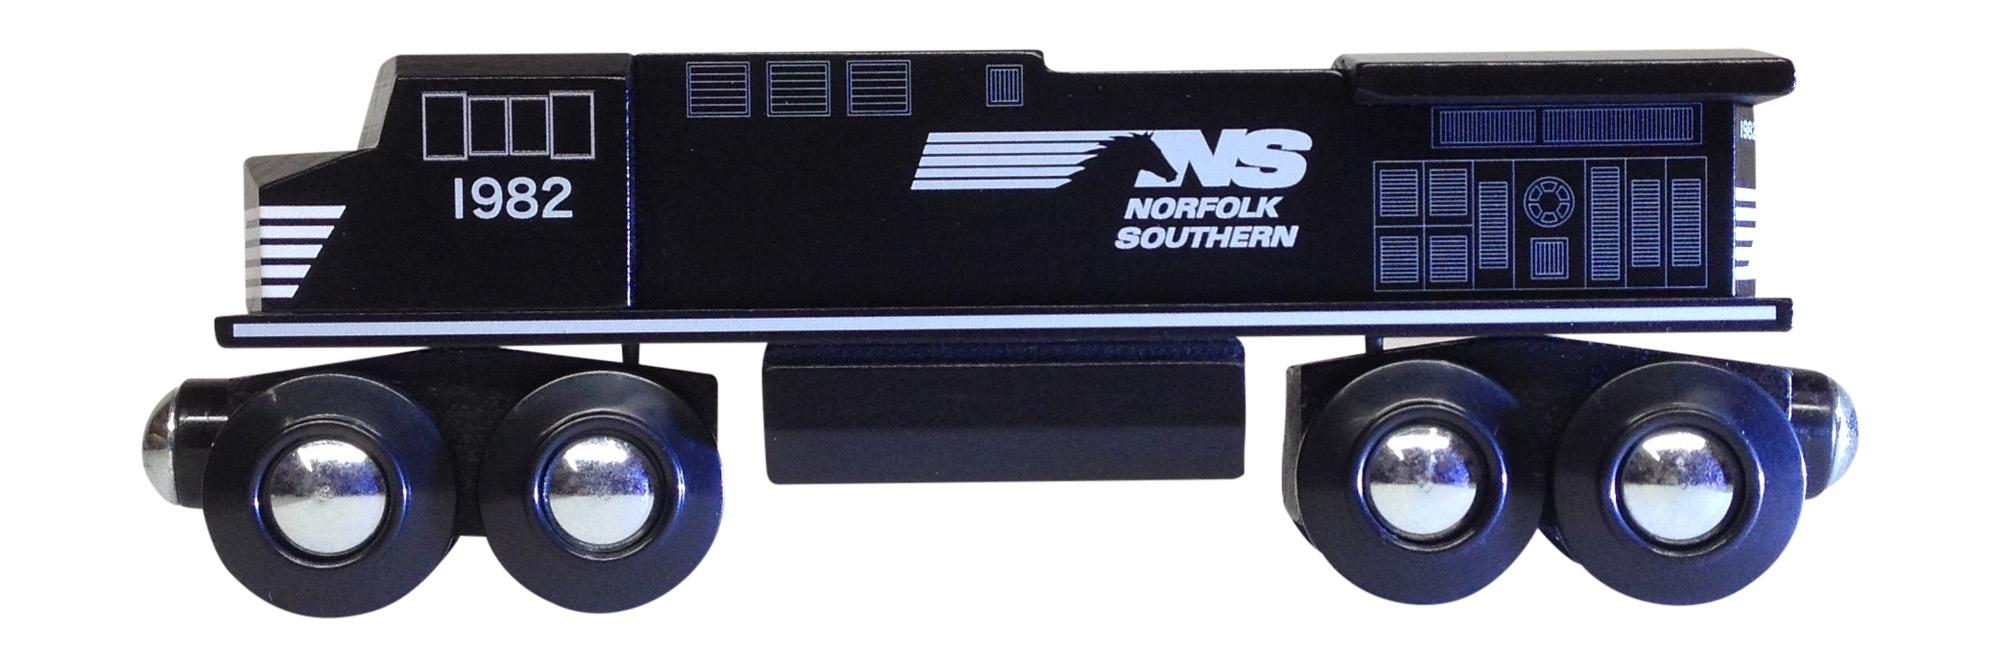 Podoy 7556065 UTV Skid Plate Washer Bolt Kit for Polaris Ranger RZR 500 570 700 800 900 1000 7518529 Replacement 10 Set